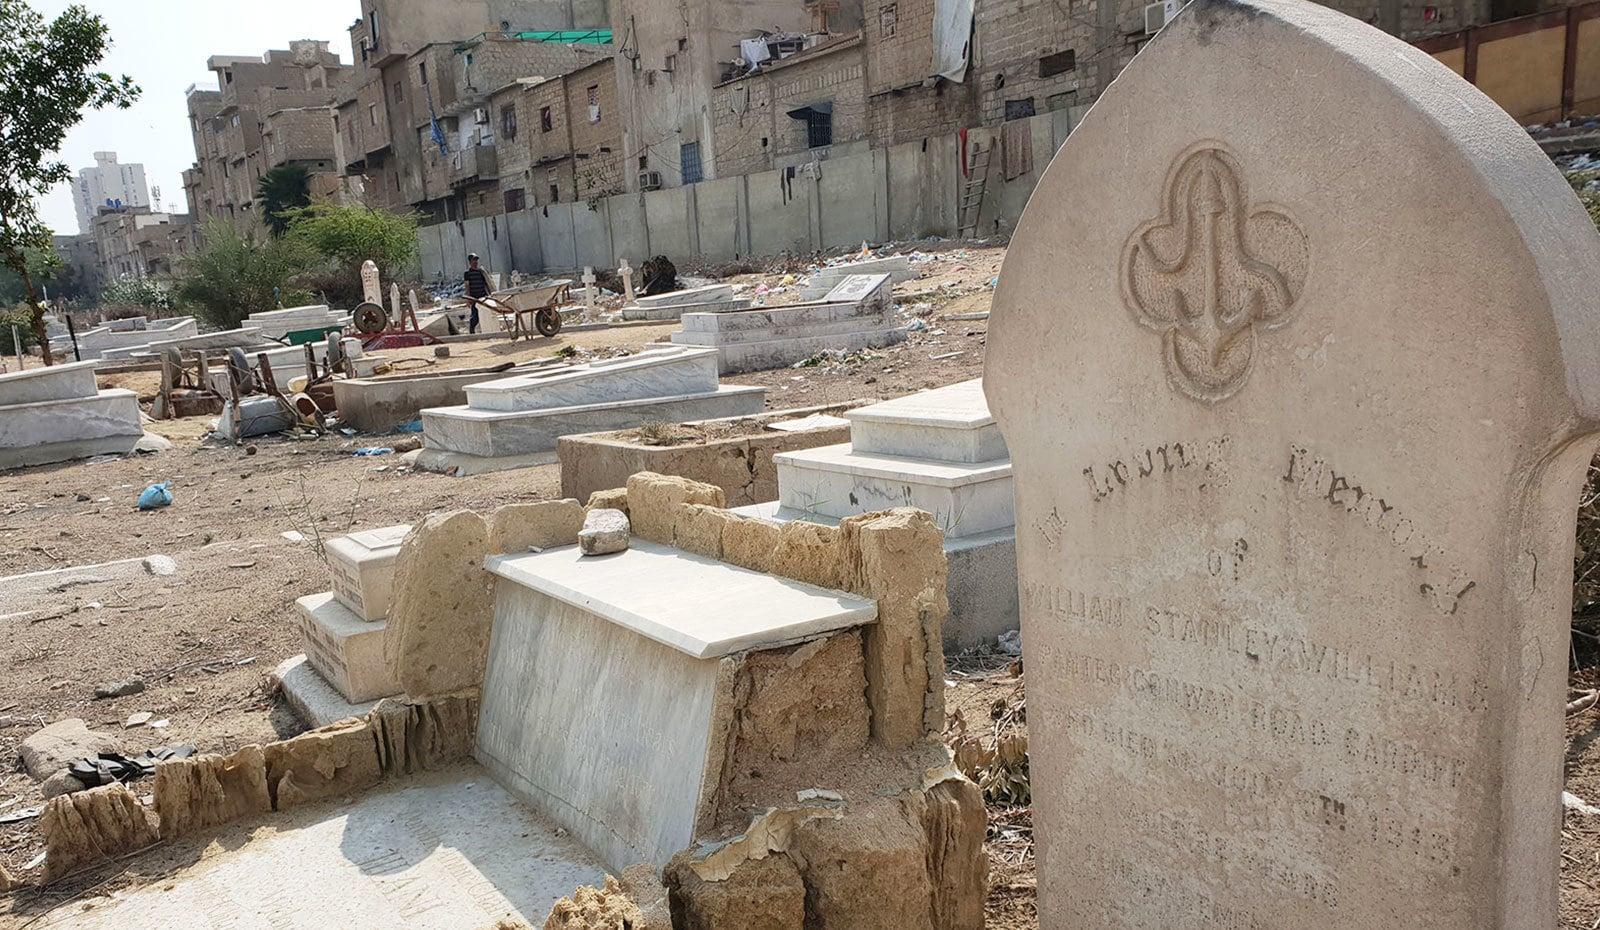 قبرستان کی کچھ زمین پر قبضہ بھی کیا جا چکا ہے—تصاویر:ؒ وقار محمد خان